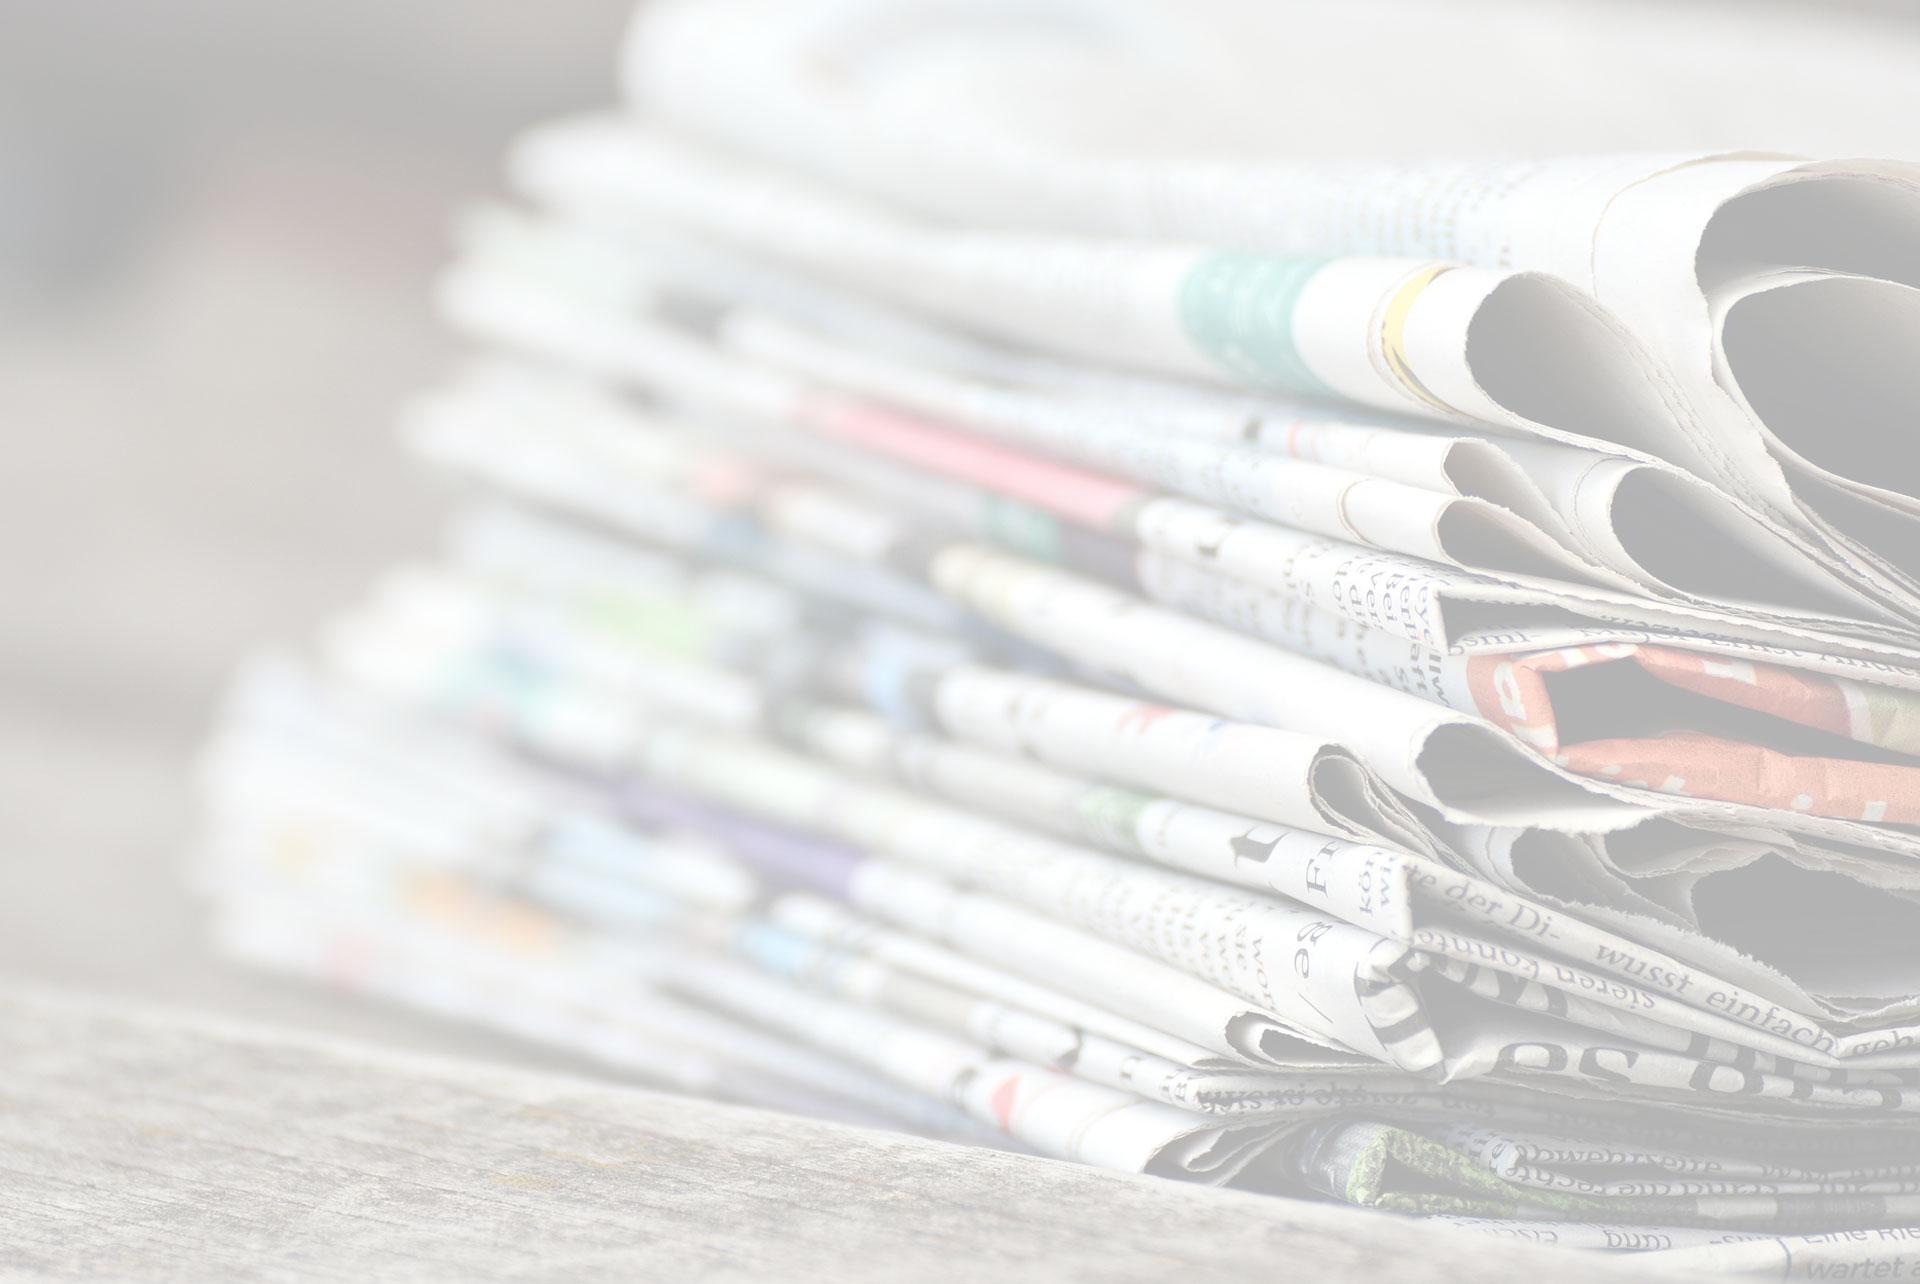 Premio Bafta